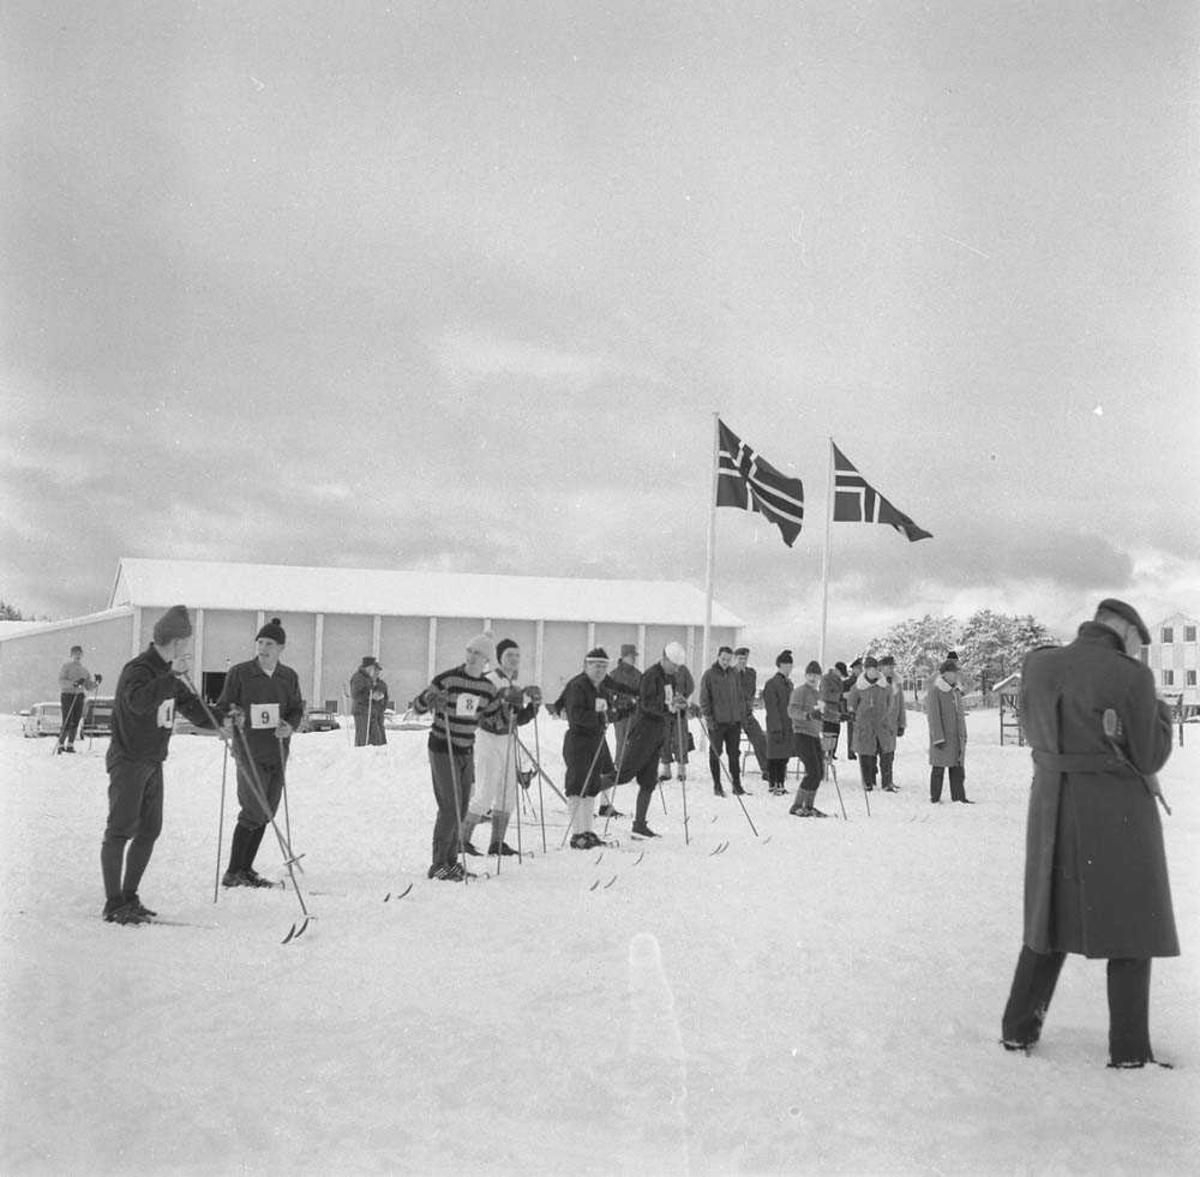 Reportasje fra LKN-mesterskapet på ski 1965.